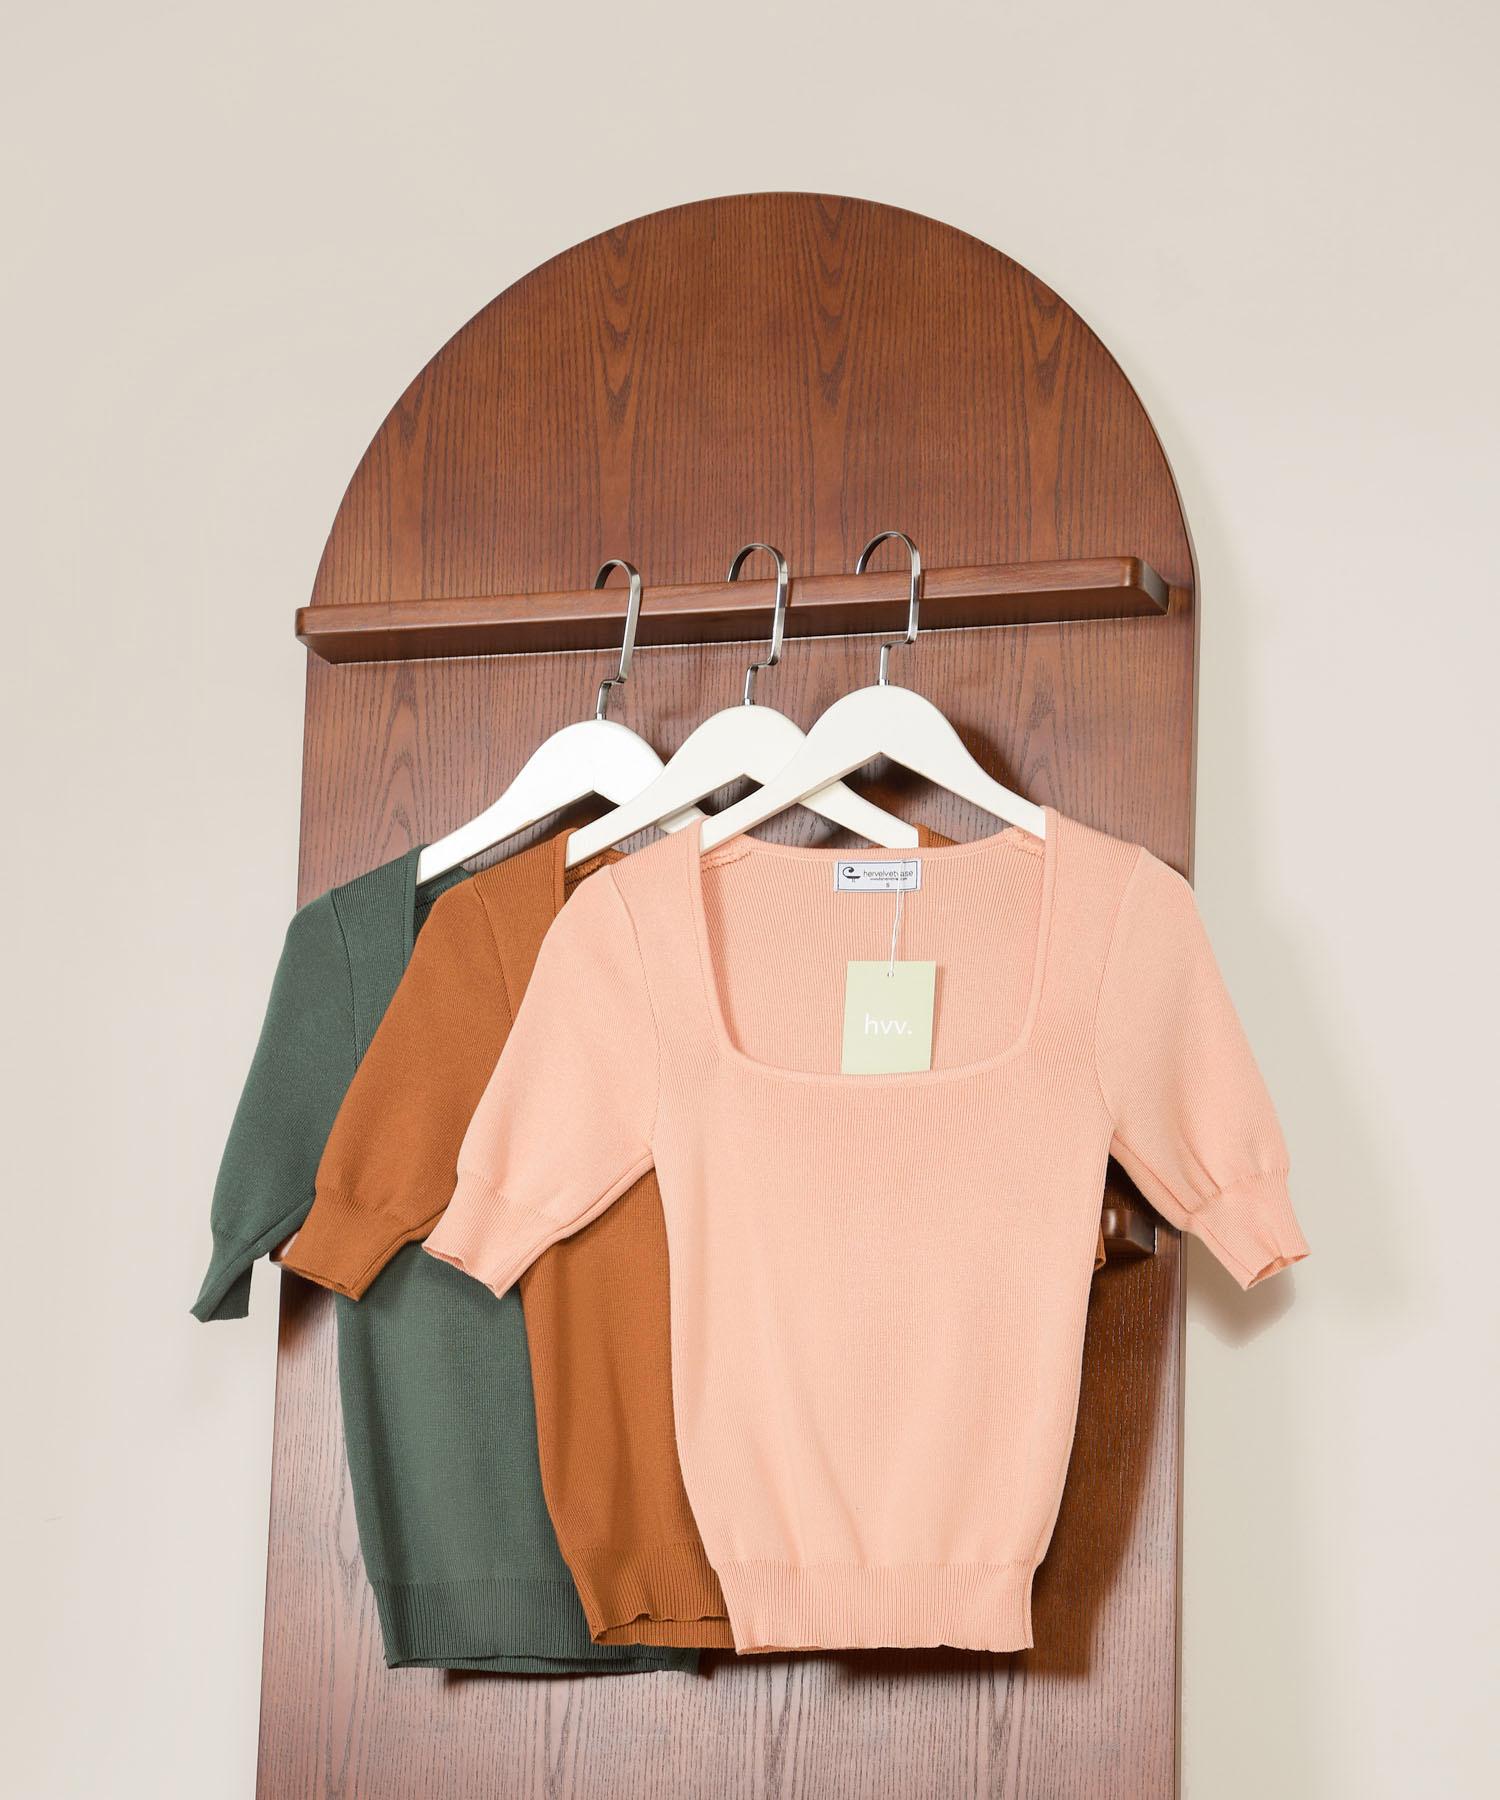 abrielle-trapeze-knit-top-bundle-of-3